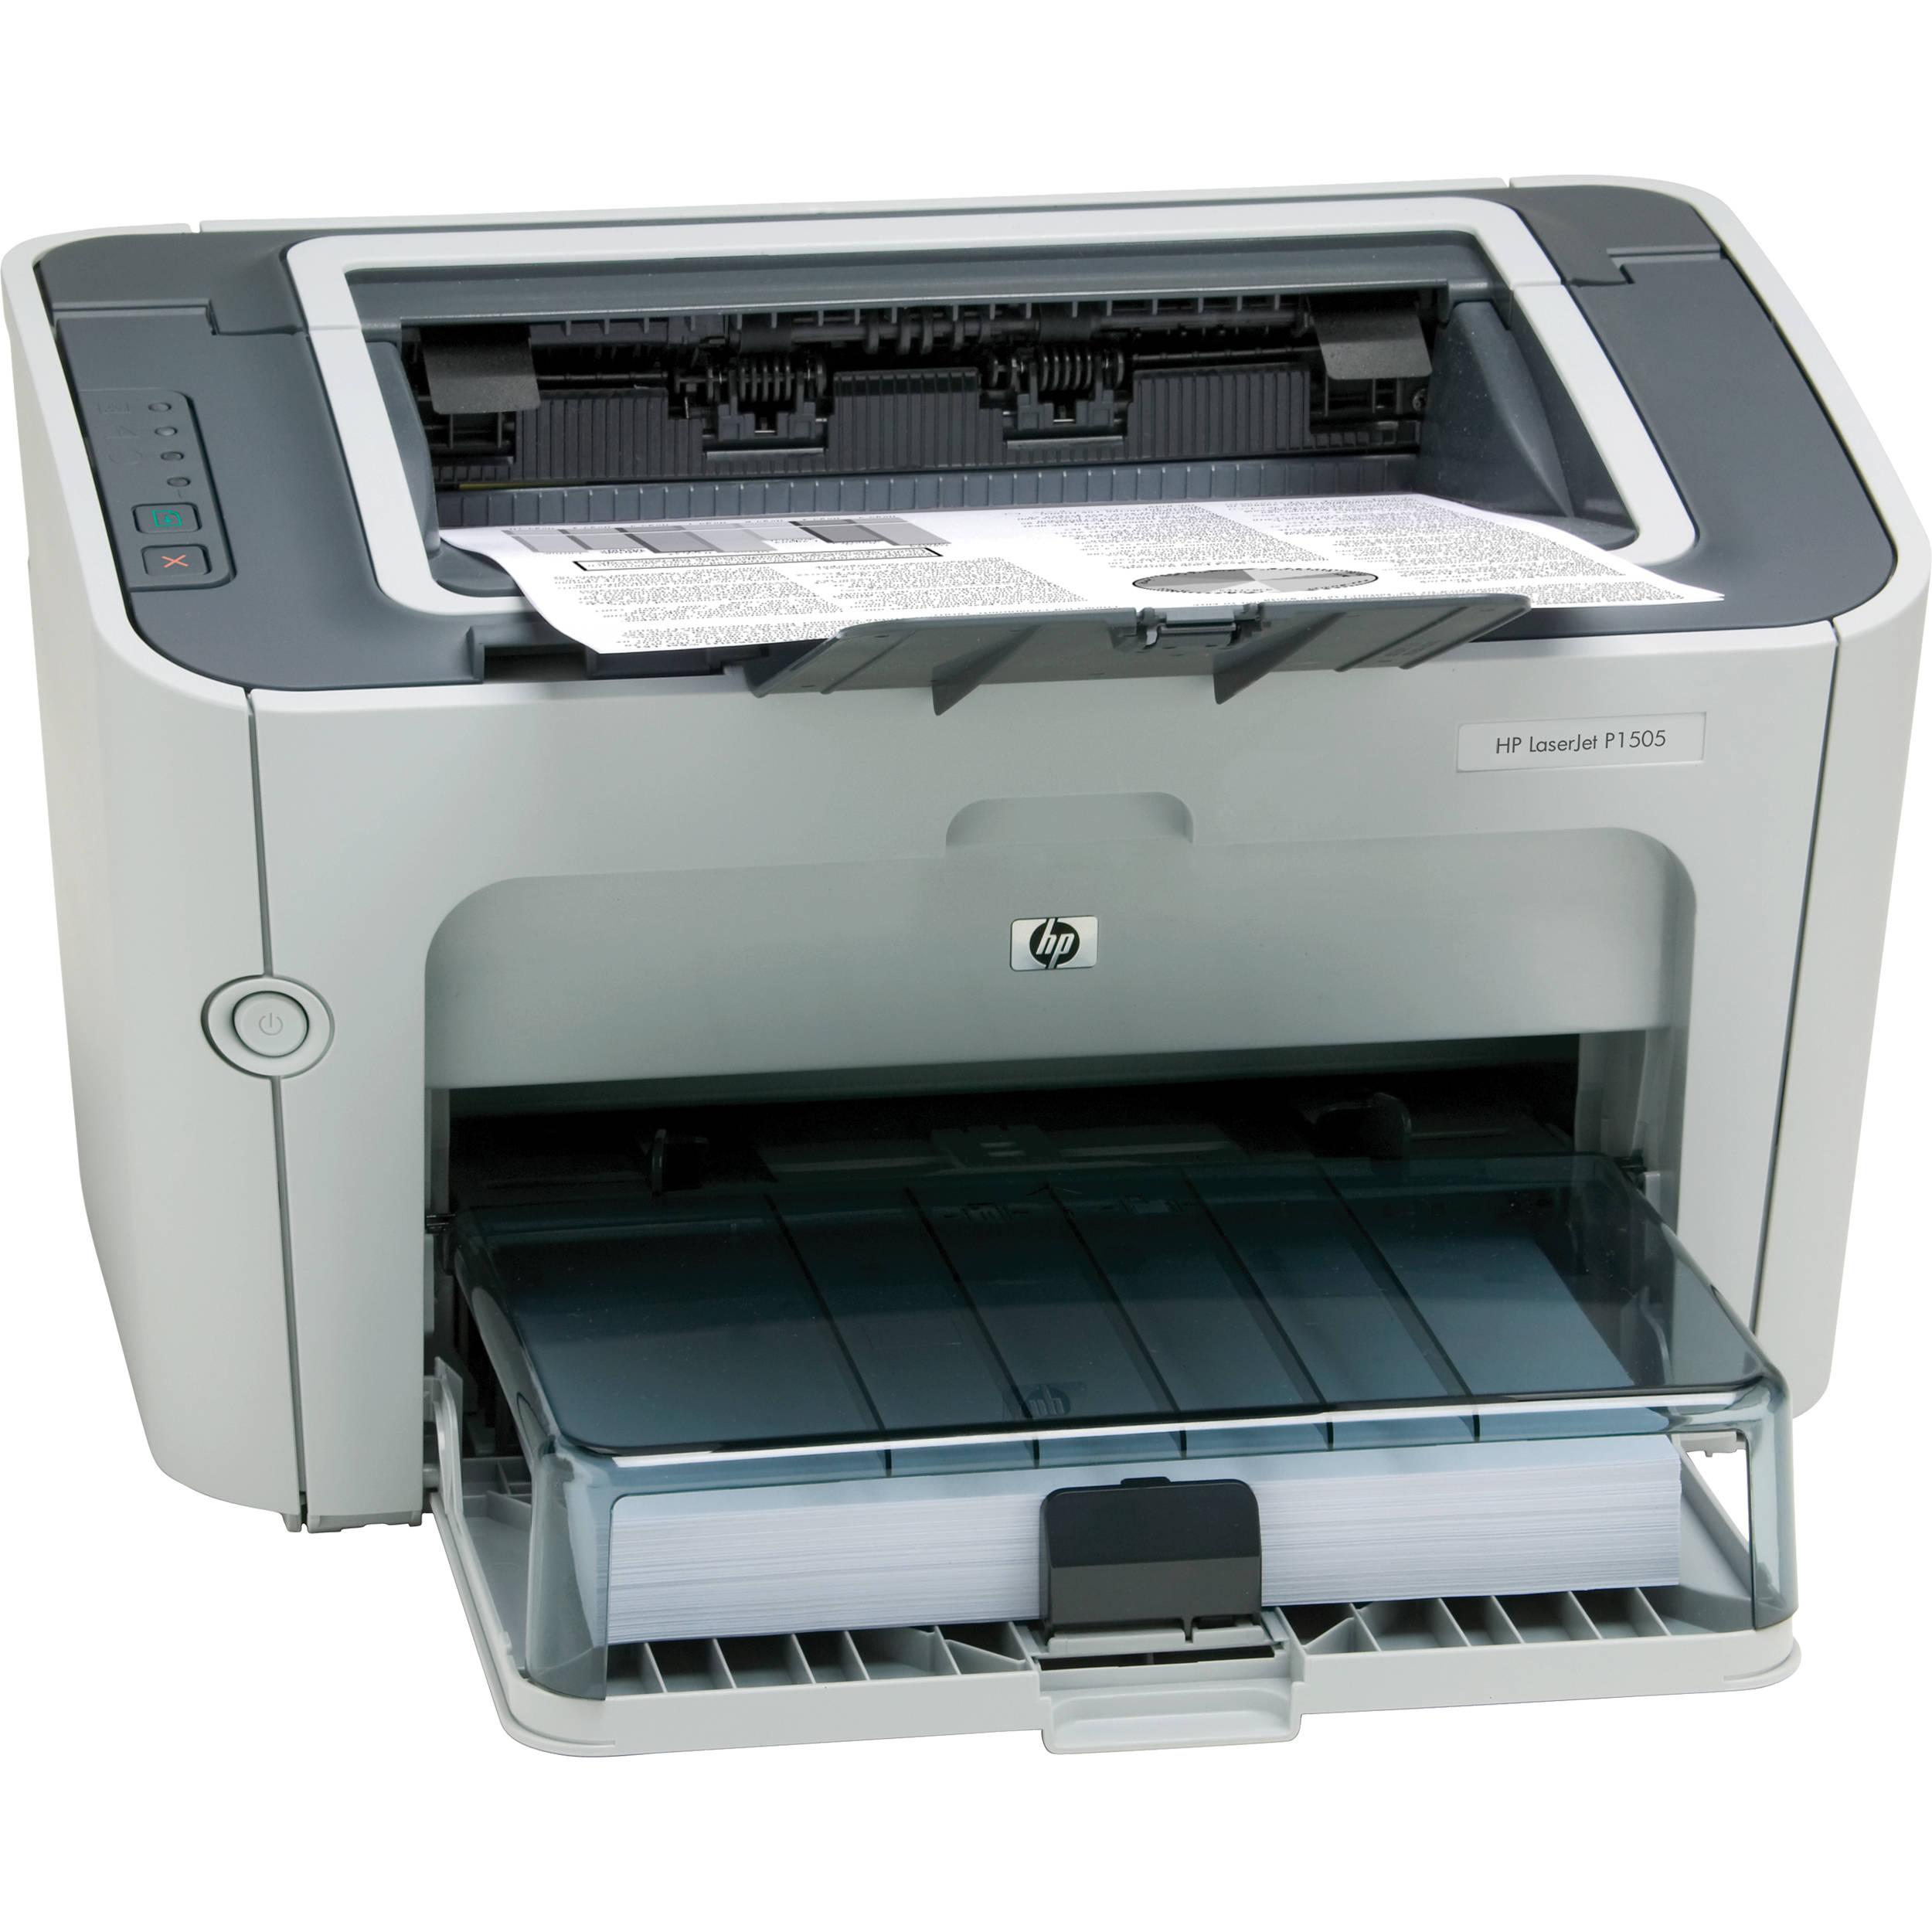 hp cb412a laserjet p1505 printer cb412a aba b h photo video rh bhphotovideo com hp laserjet p1505 printer driver free download for windows 8 hp laserjet p1505 printer driver download